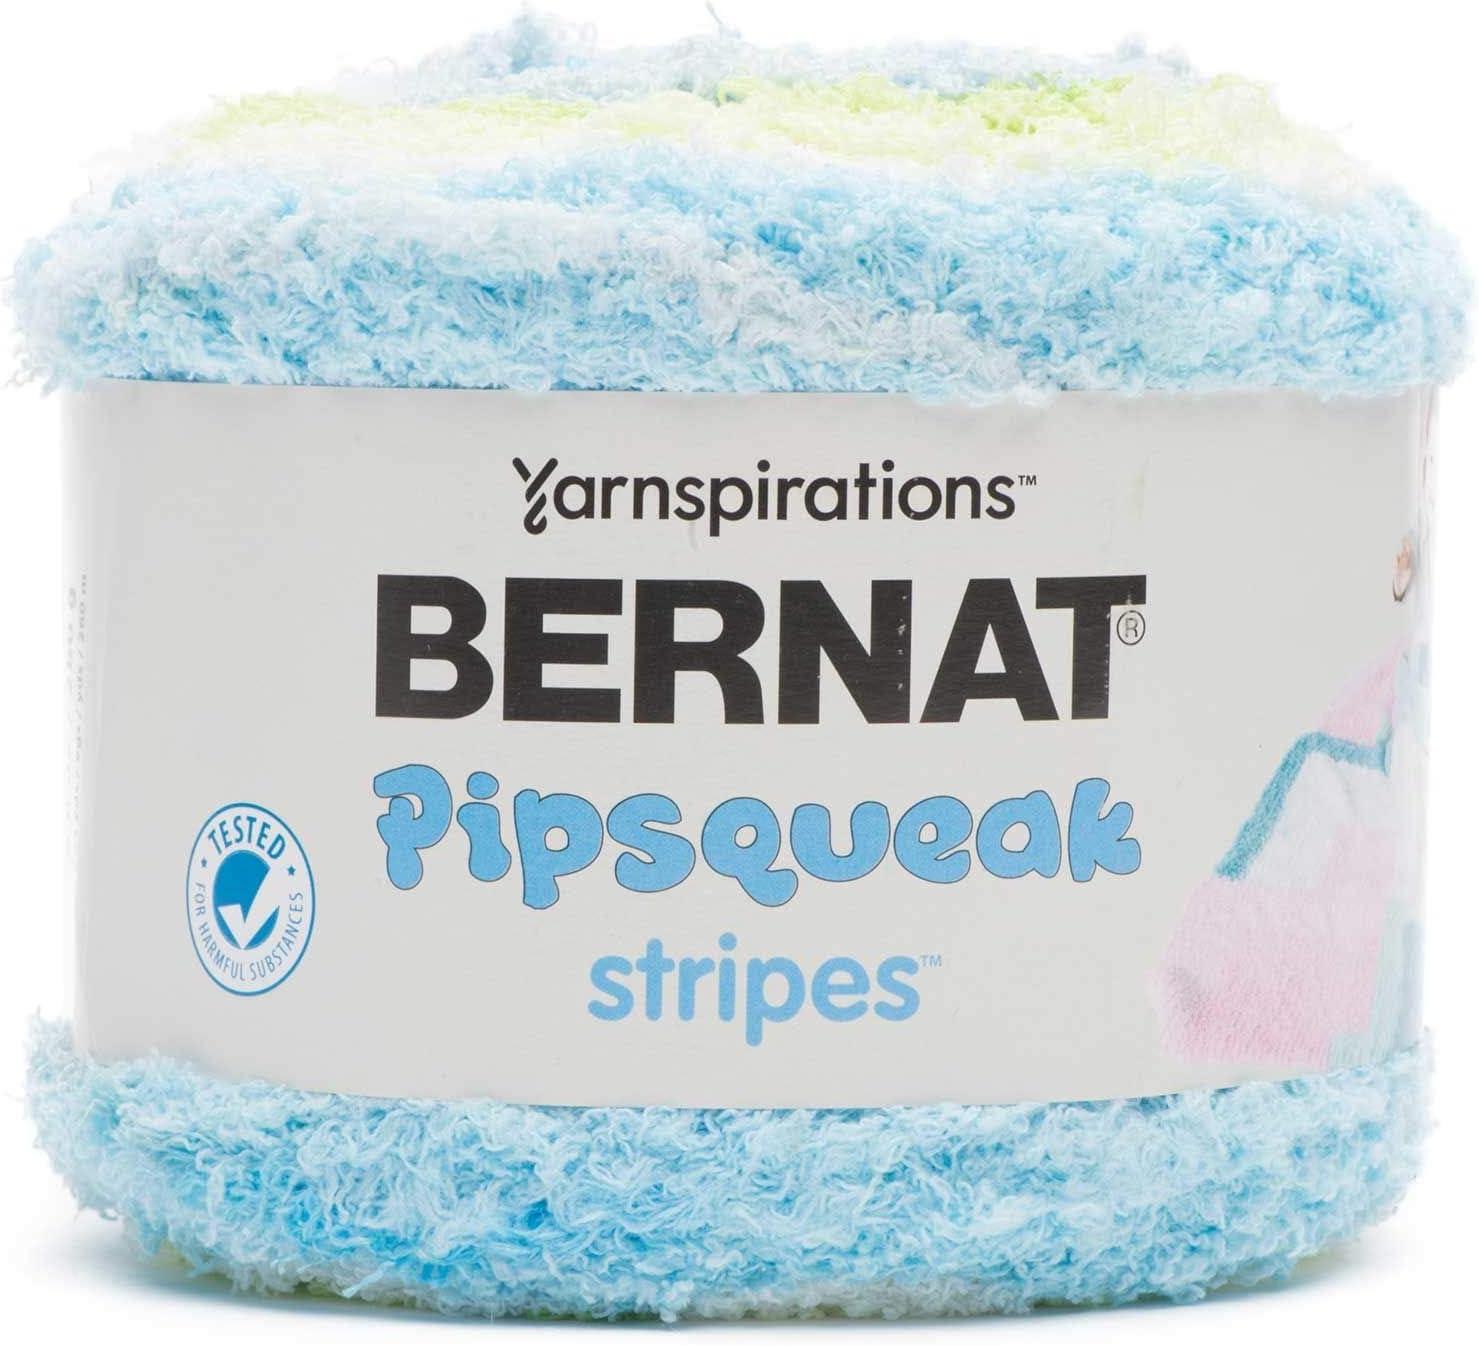 Bernat Meadow yarn